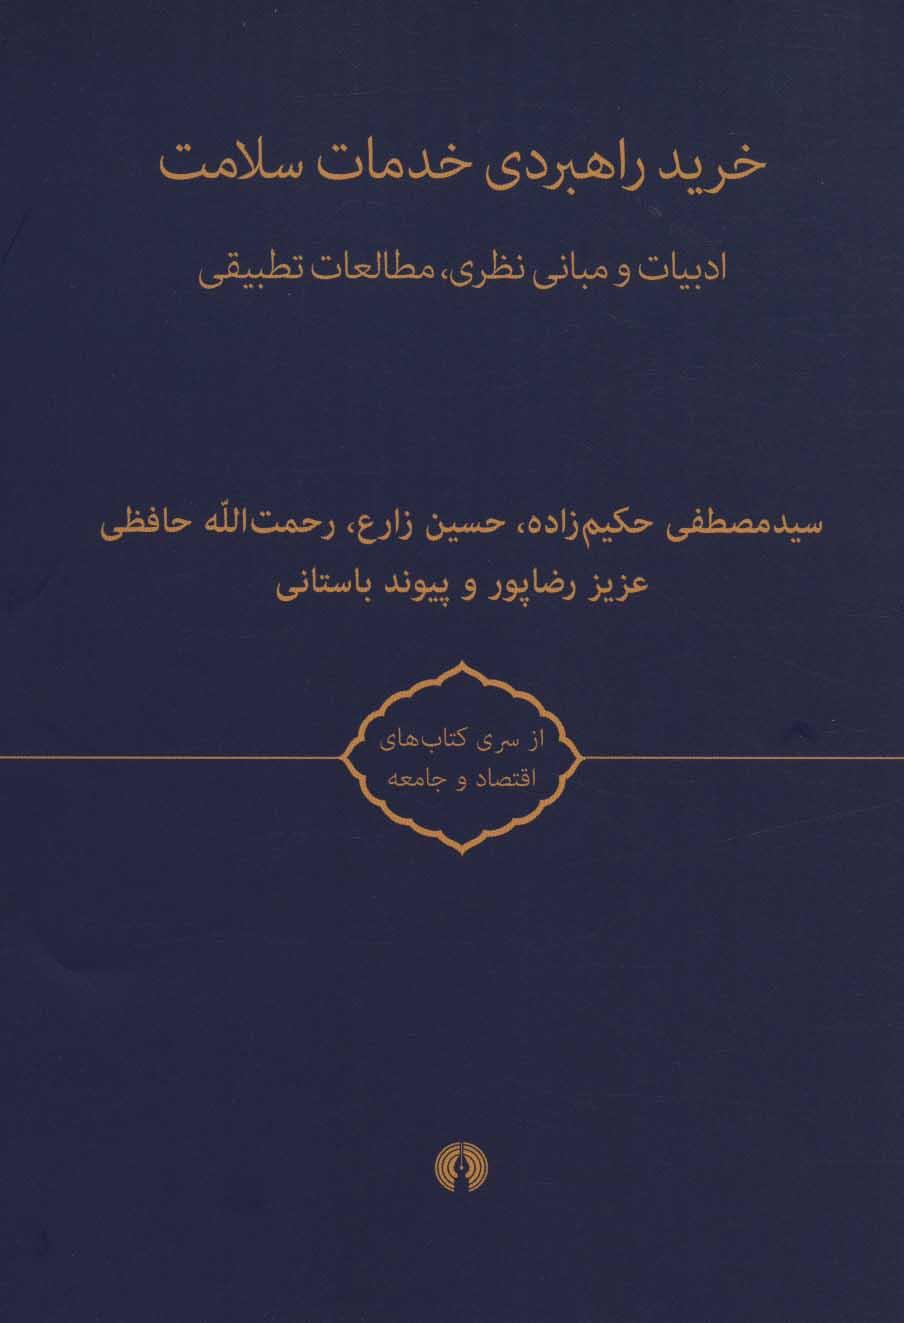 خرید راهبردی خدمات سلامت (کتاب های اقتصاد و جامعه)،(2جلدی)